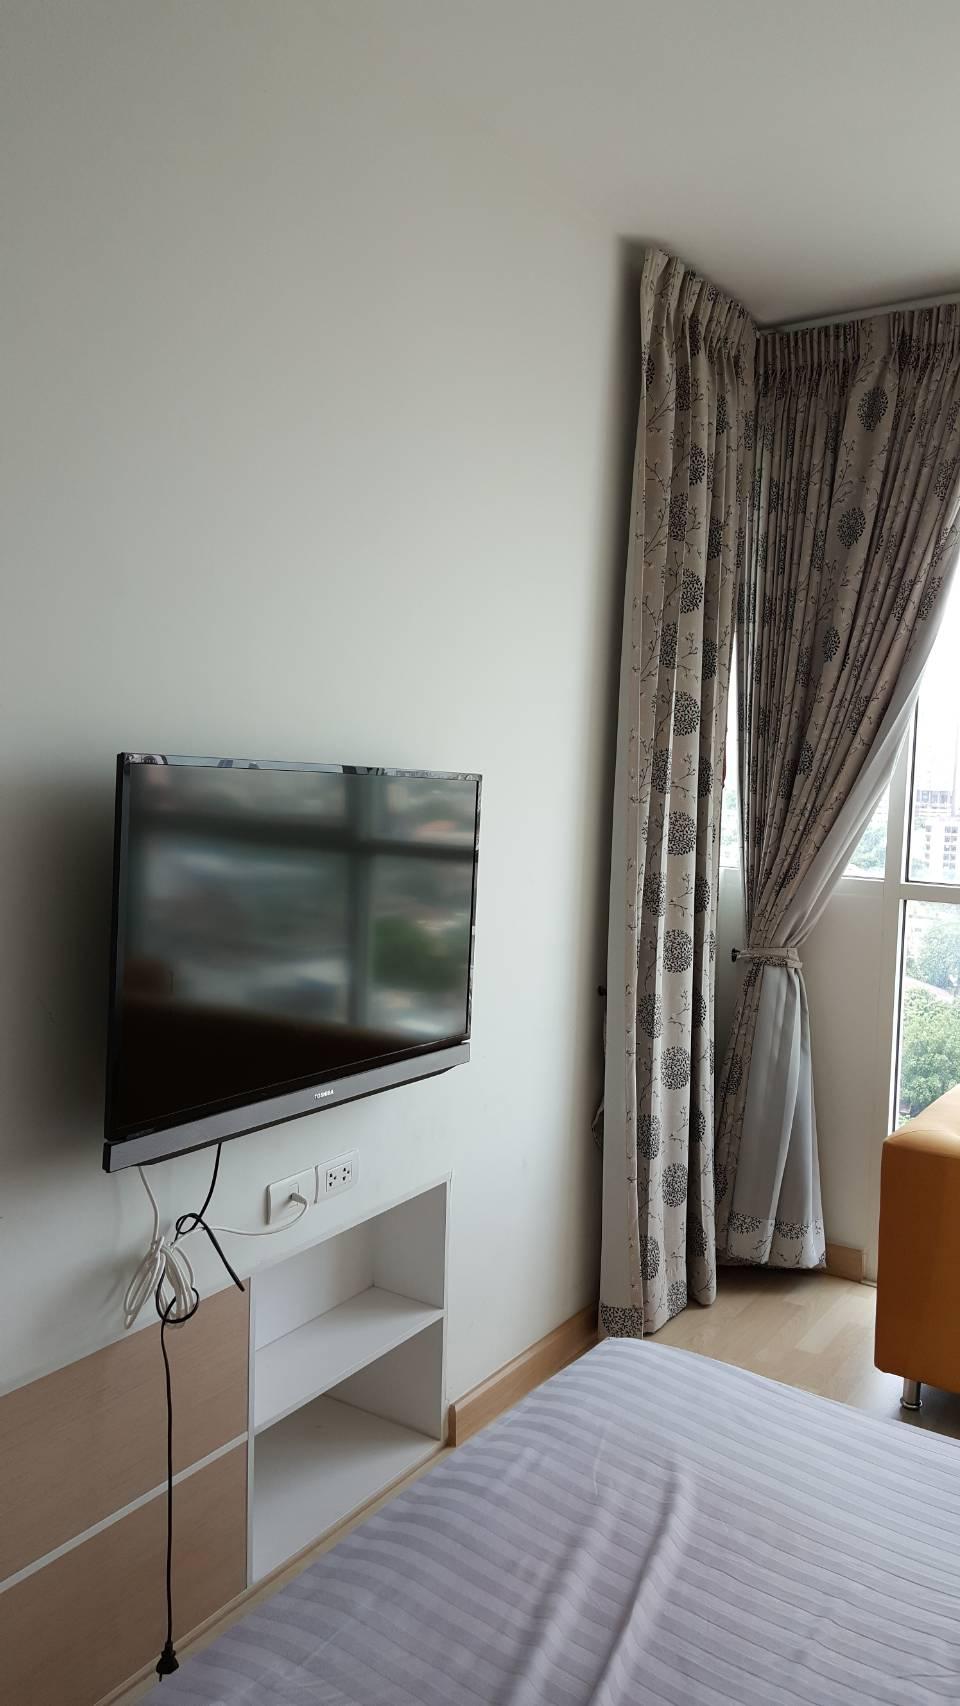 รูปของประกาศเช่าคอนโดไอดีโอ มิกซ์ พหลโยธิน(1 ห้องนอน)(3)